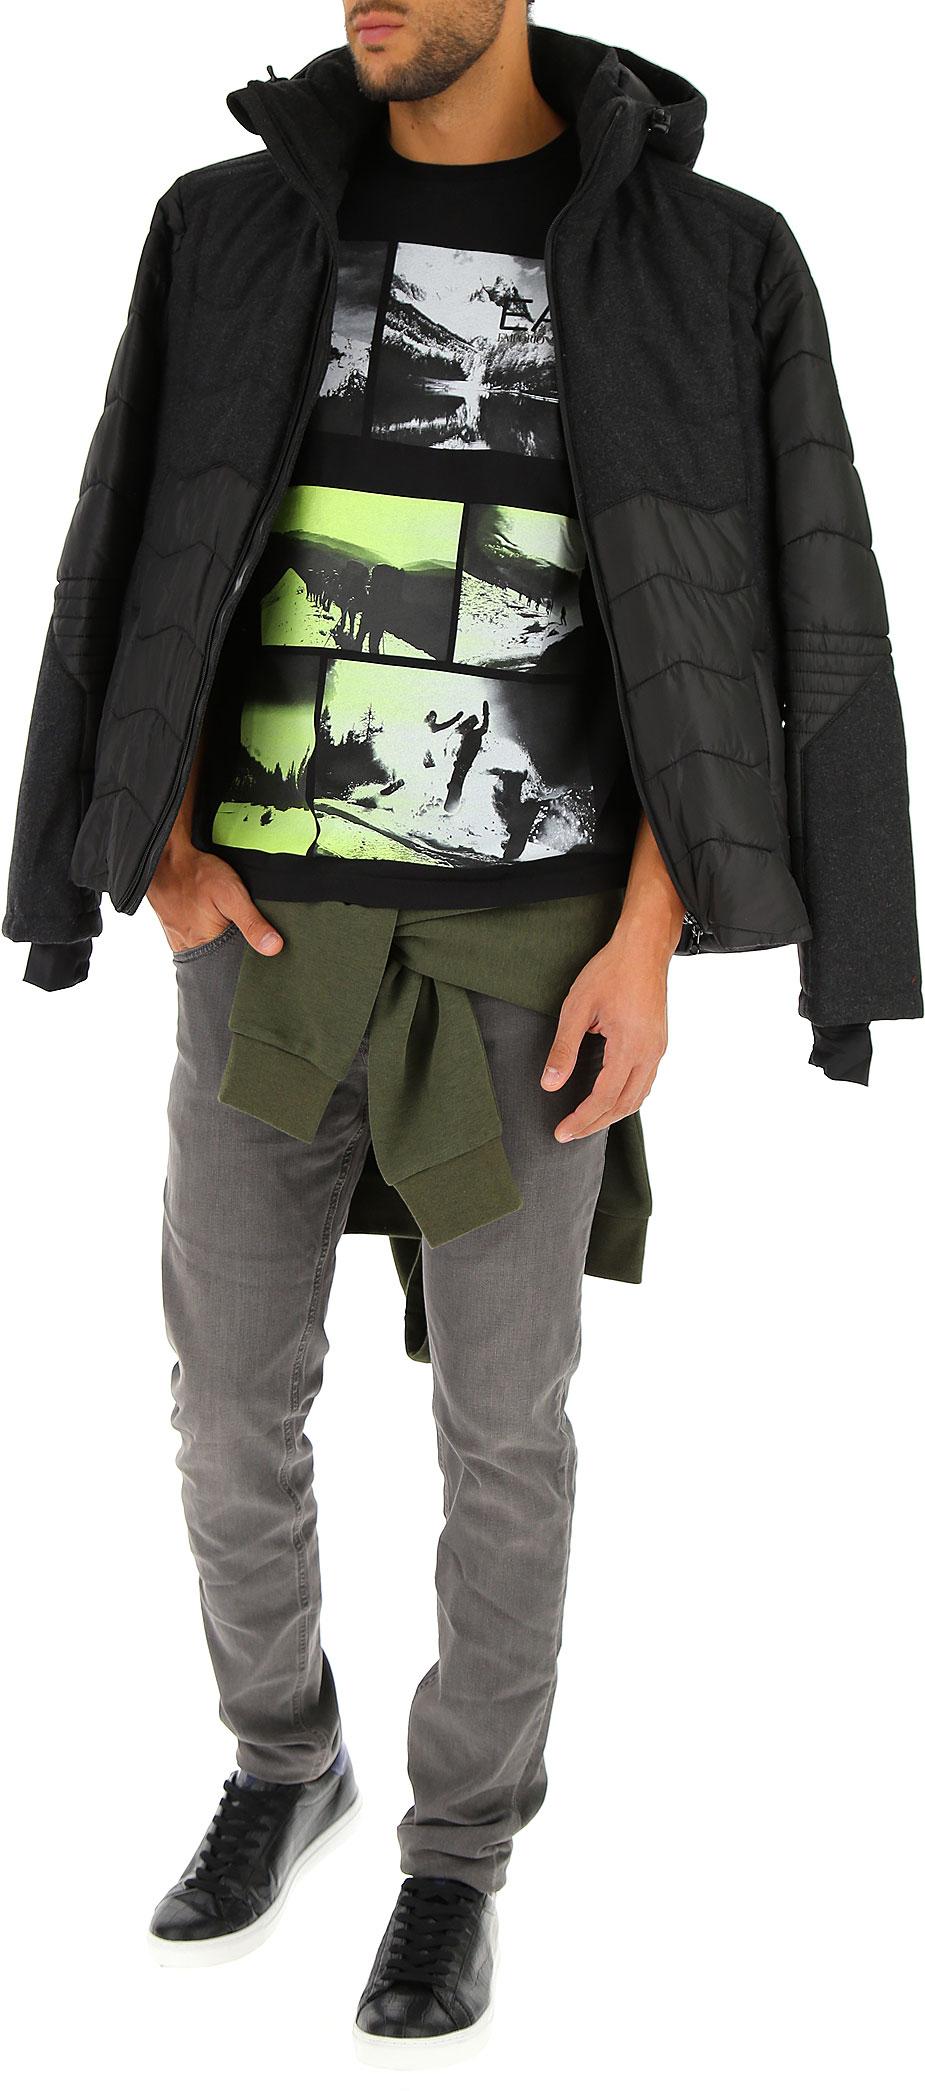 Abbigliamento Uomo Emporio Armani, Codice Articolo: 6ypb27-pn22z-1200